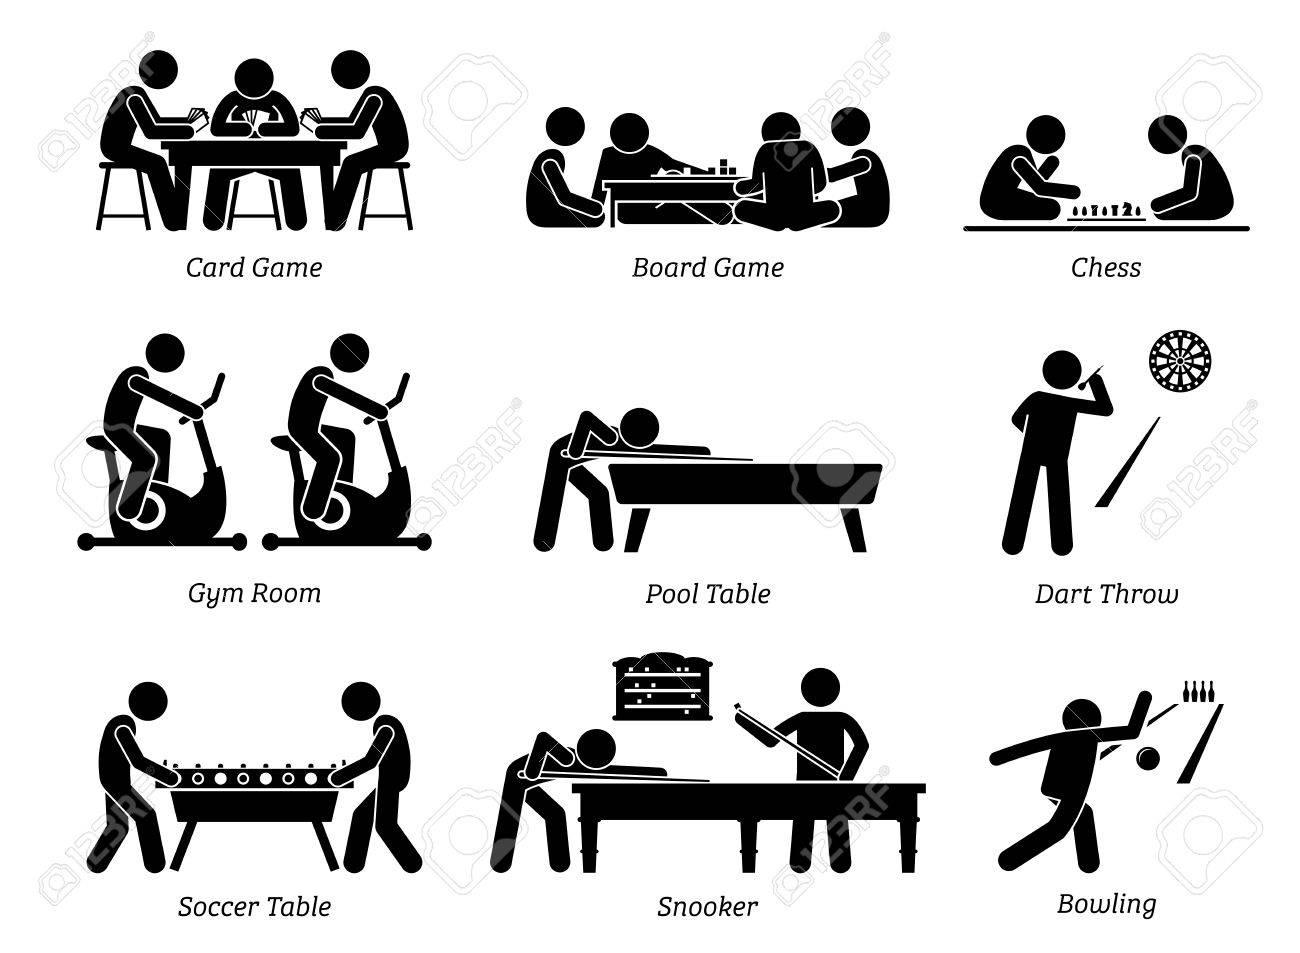 Indoor Club Games and Recreational Activities. Stick figures...